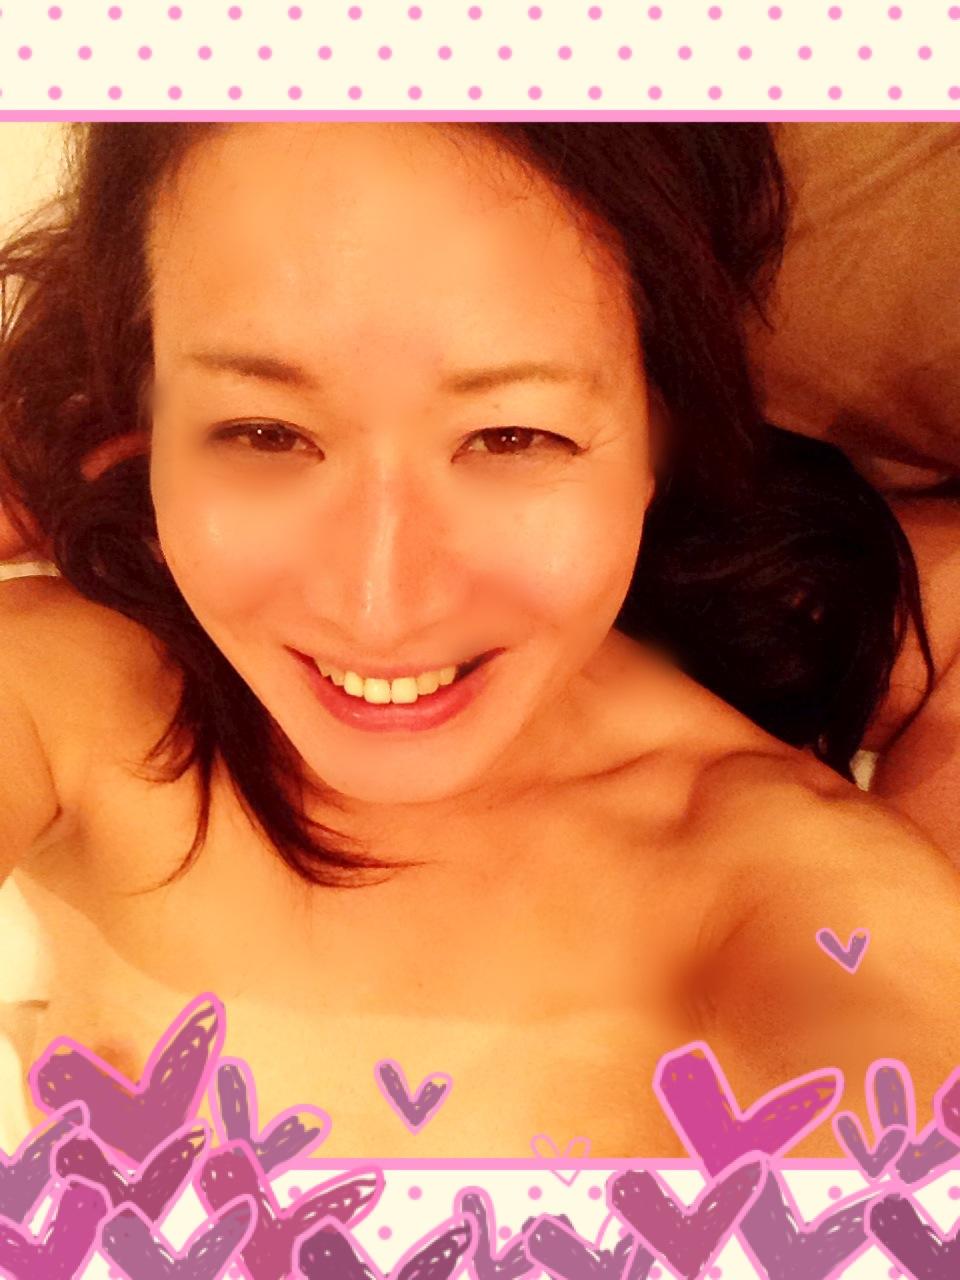 熟女NHヘルス孃マダム舞の袖振り合うも他生の縁|2014.9.4(木)本日から小山